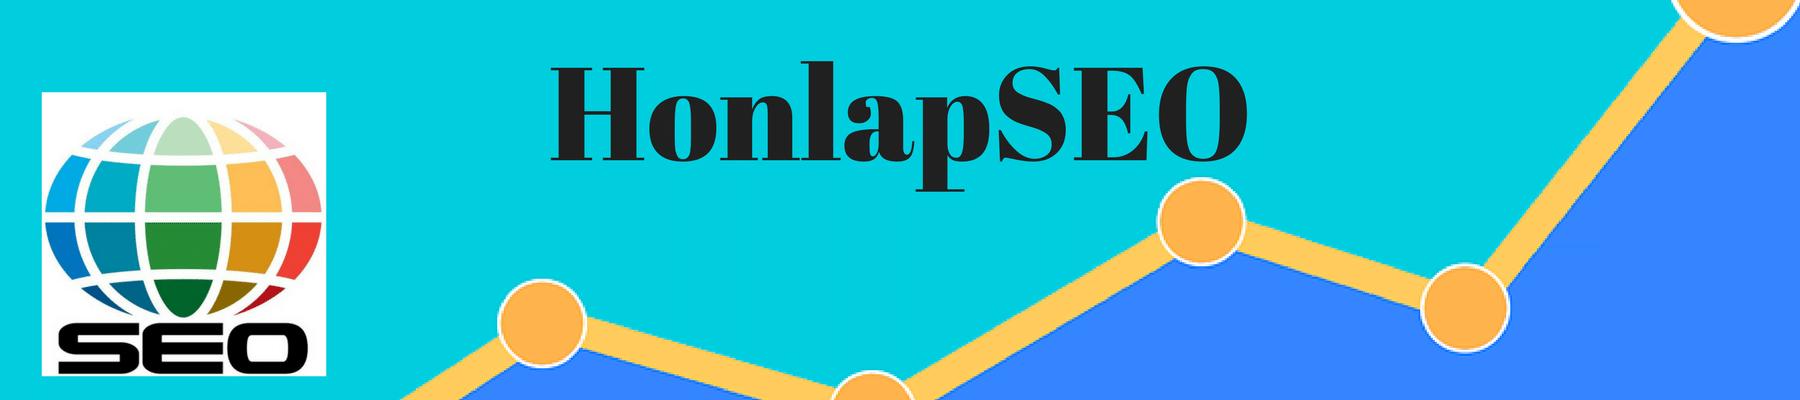 HonlapSEO logó - Keresőoptimalizálás, SEO, HonlapSEO, Honlapelemzés SEO szakember segítségével